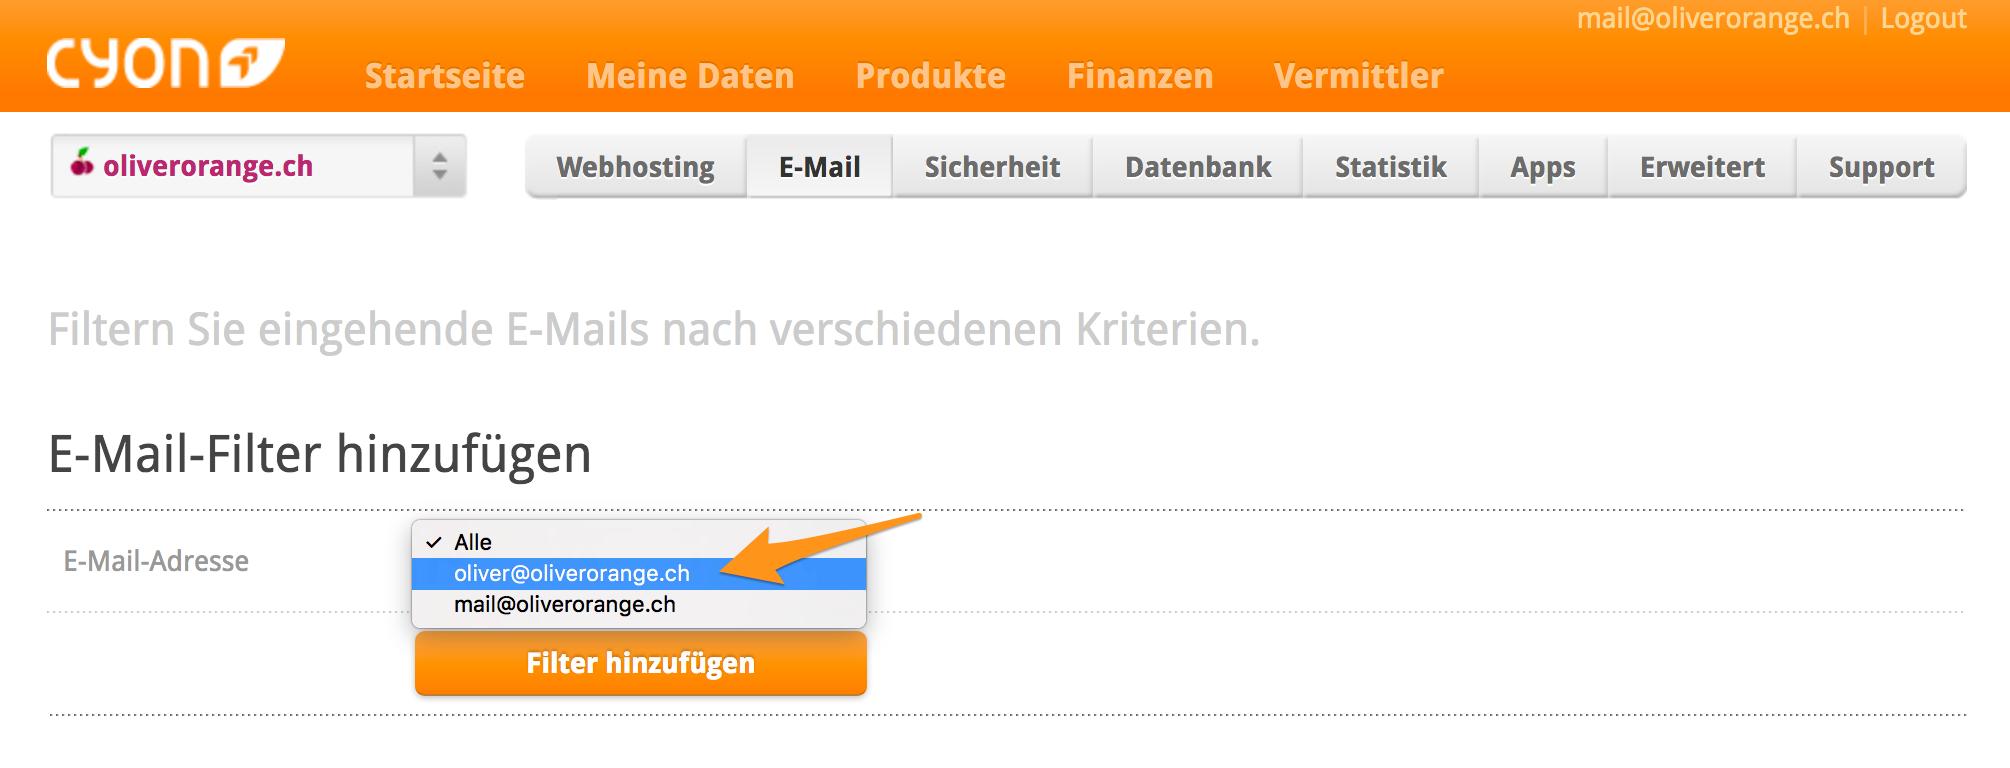 E-Mail-Filter hinzufügen